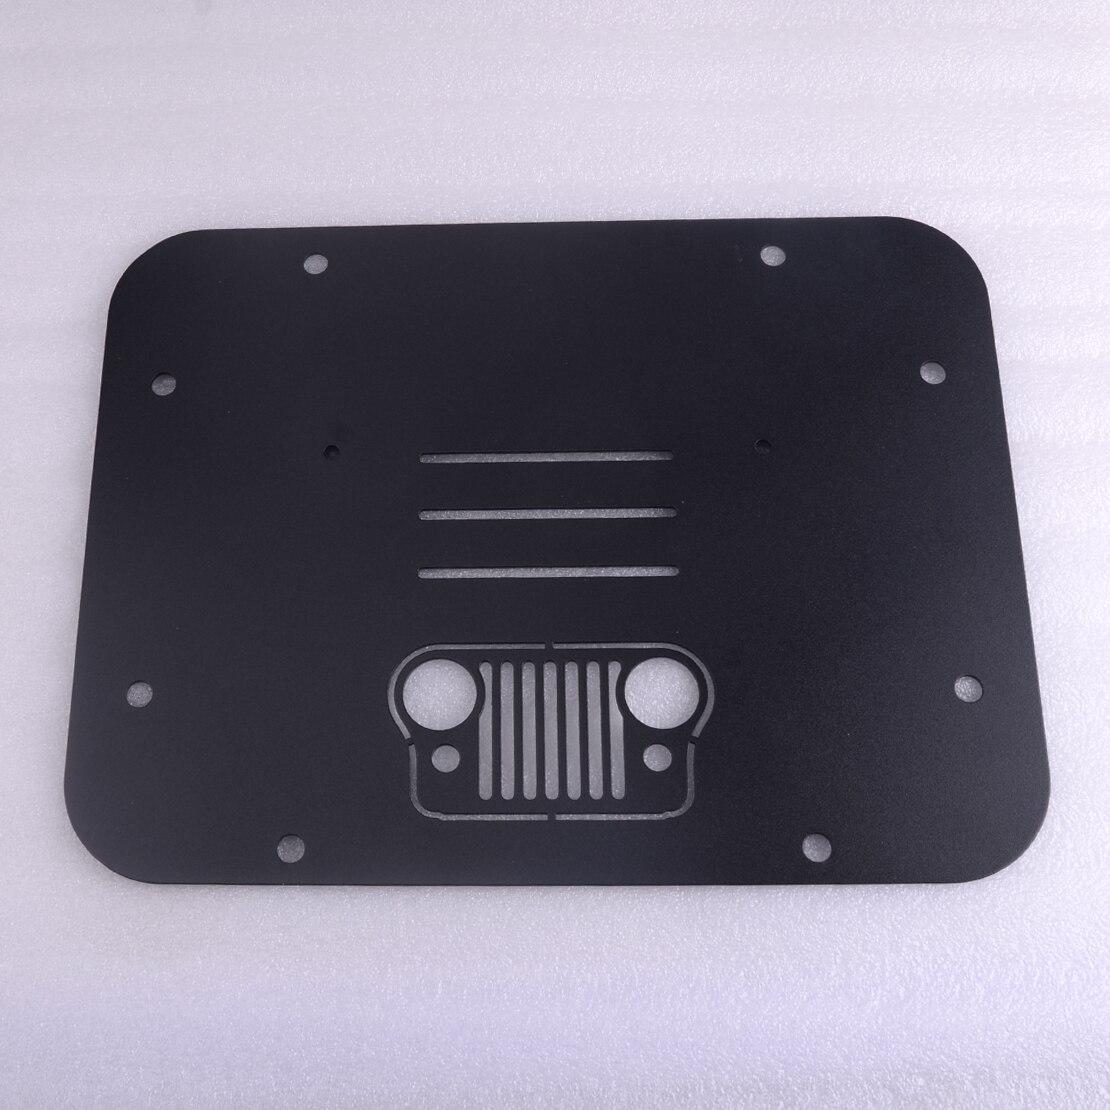 Support de pneu de rechange beler supprimer le tampon de Tramp de plaque de remplissage pour Jeep Wrangler JK JKU 2007-2018